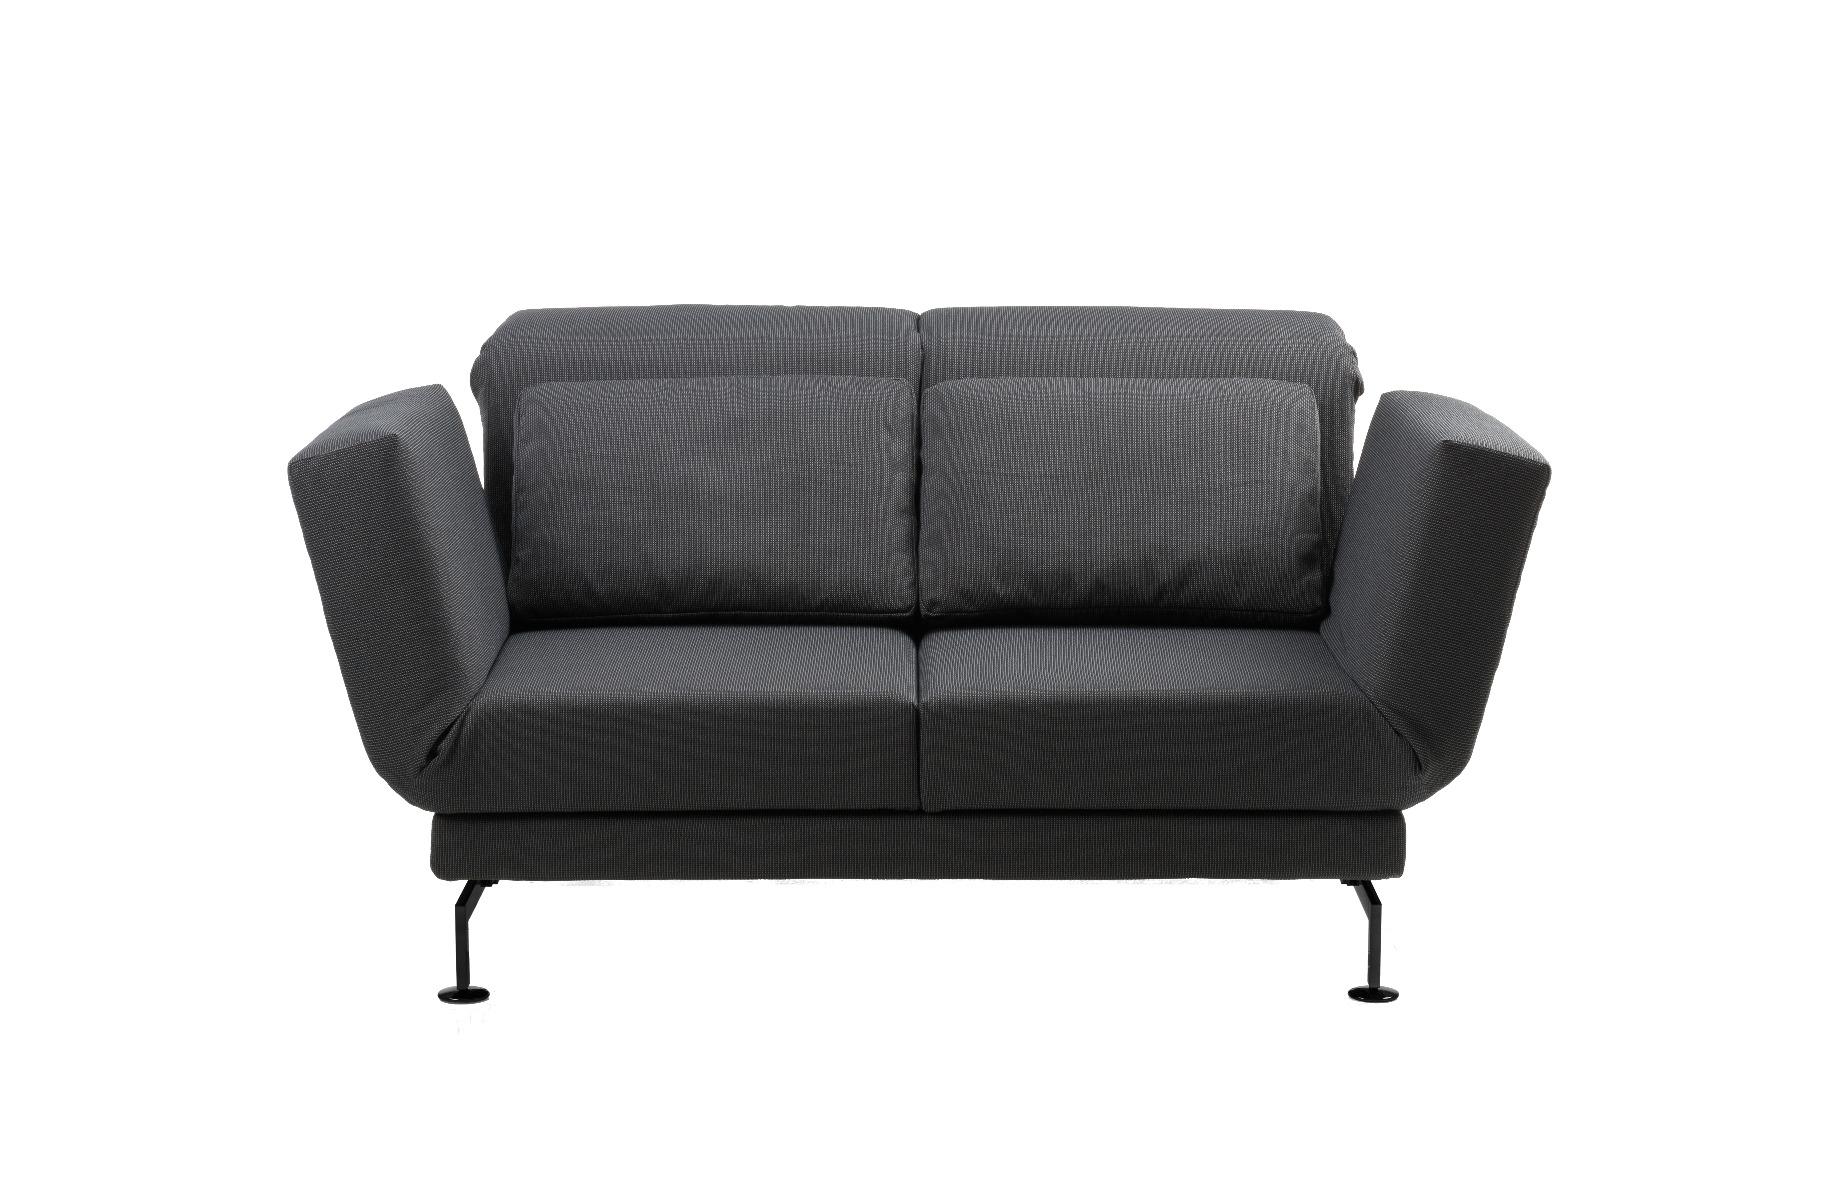 Full Size of Sofa Rund Klein Couch Couchtisch Brhl Moule Small Oder Medium Schlafsofa Shopde Marokko Rundreise Und Baden Kleines Wohnzimmer Chesterfield Gebraucht Mit Led Wohnzimmer Sofa Rund Klein